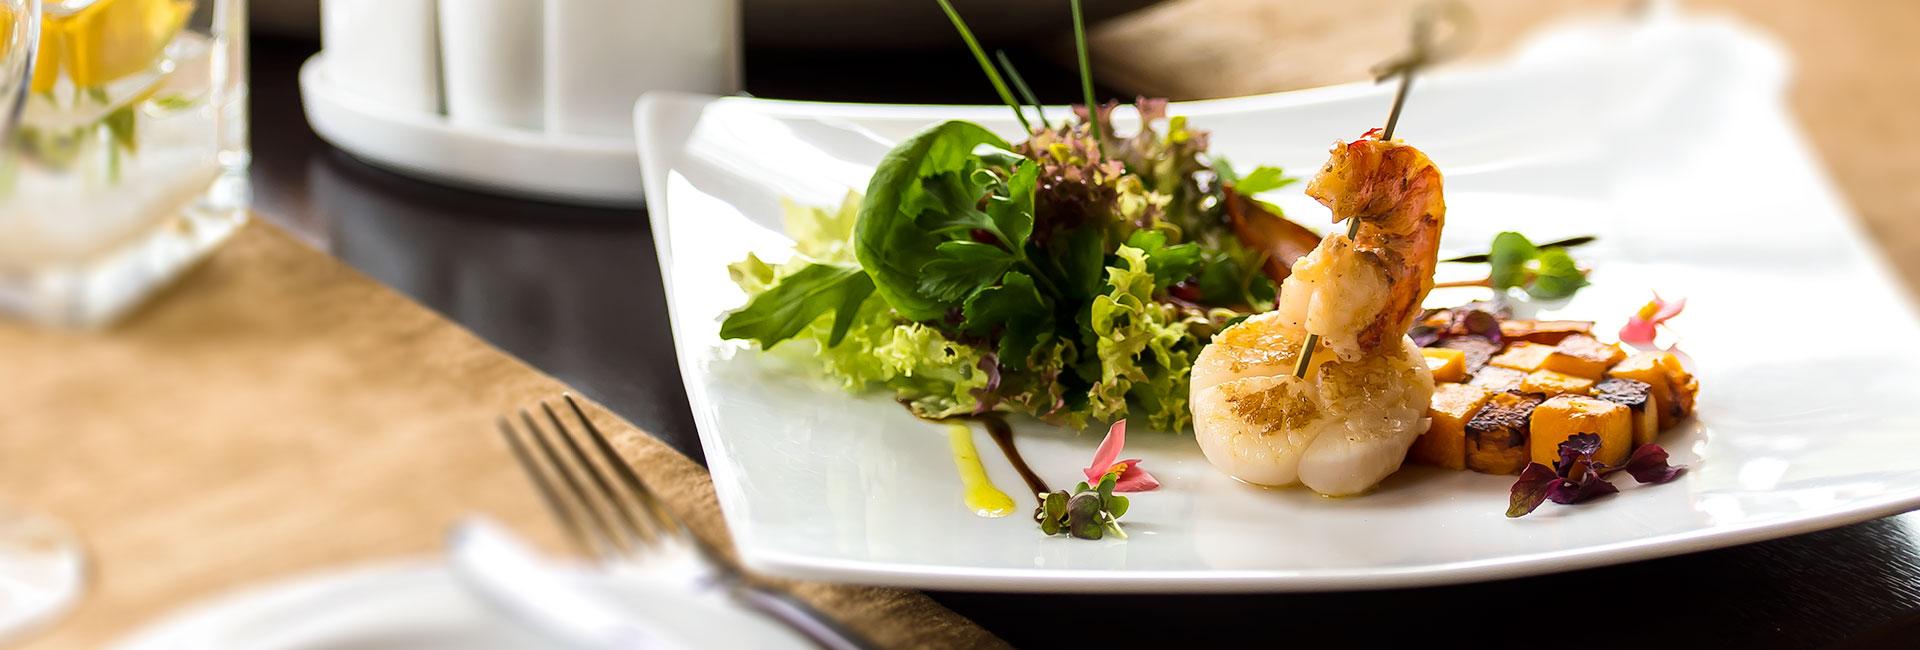 restaurant-heppenheim-teller-slide4